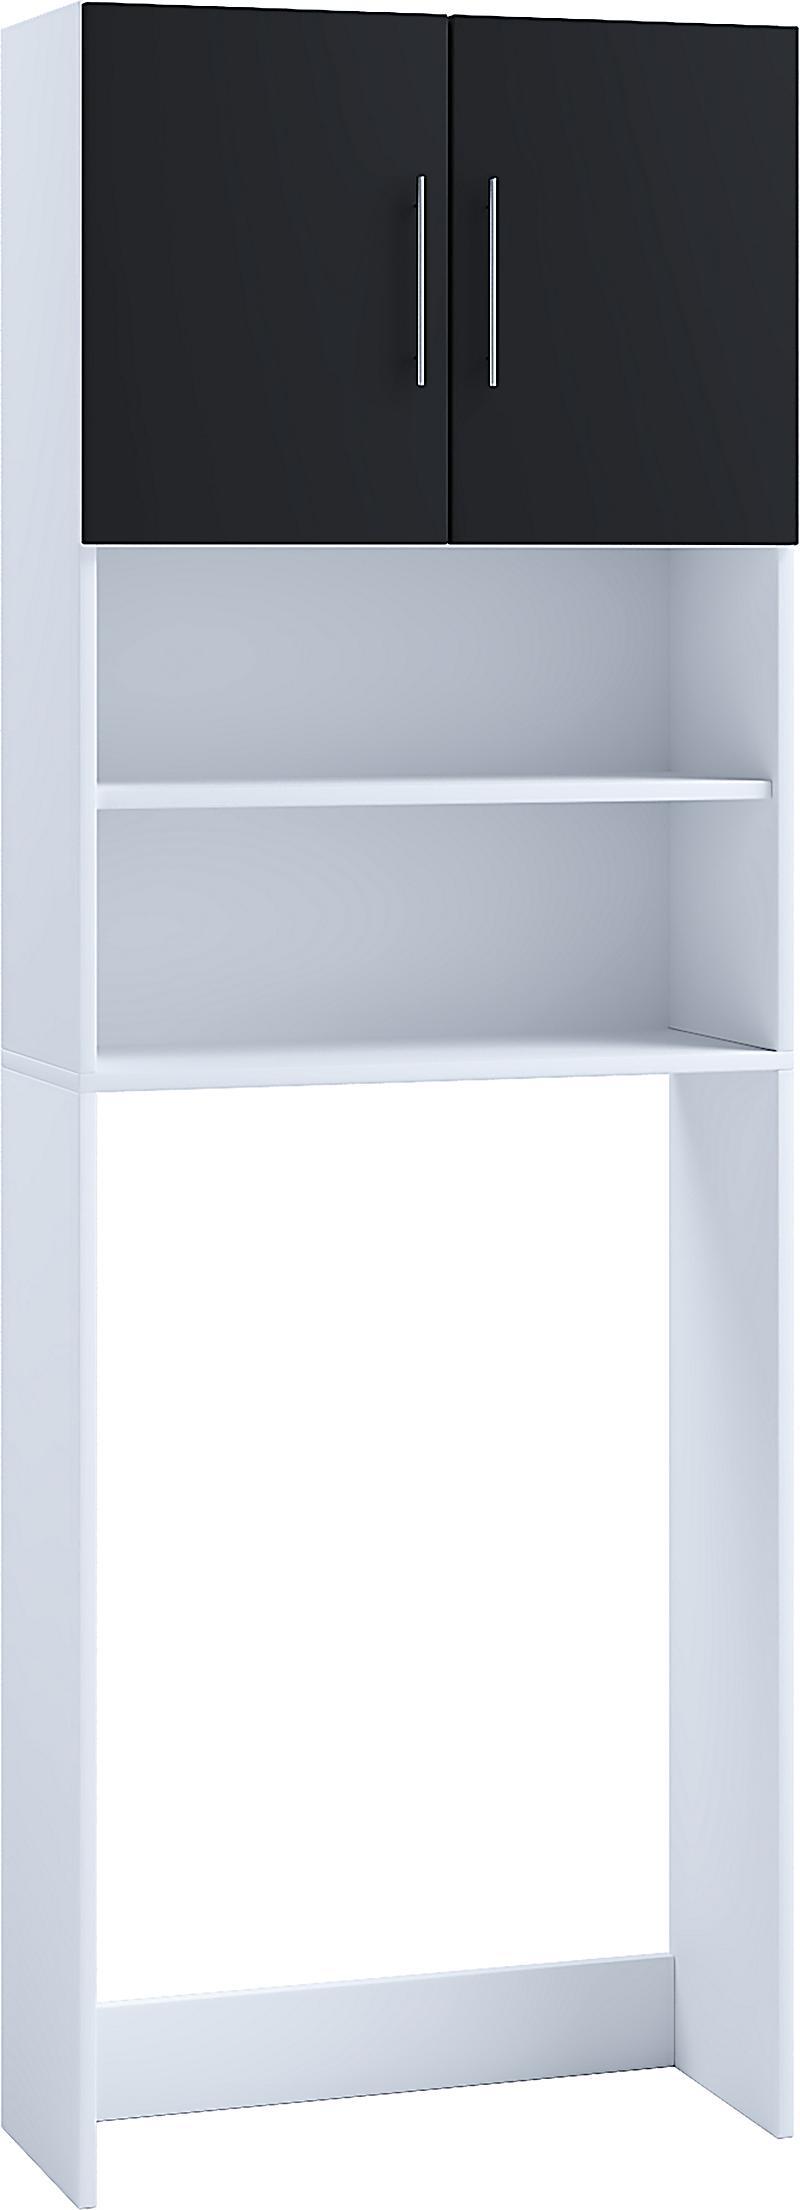 klemmregal kche badezimmer regal ohne bohren jetzt with. Black Bedroom Furniture Sets. Home Design Ideas